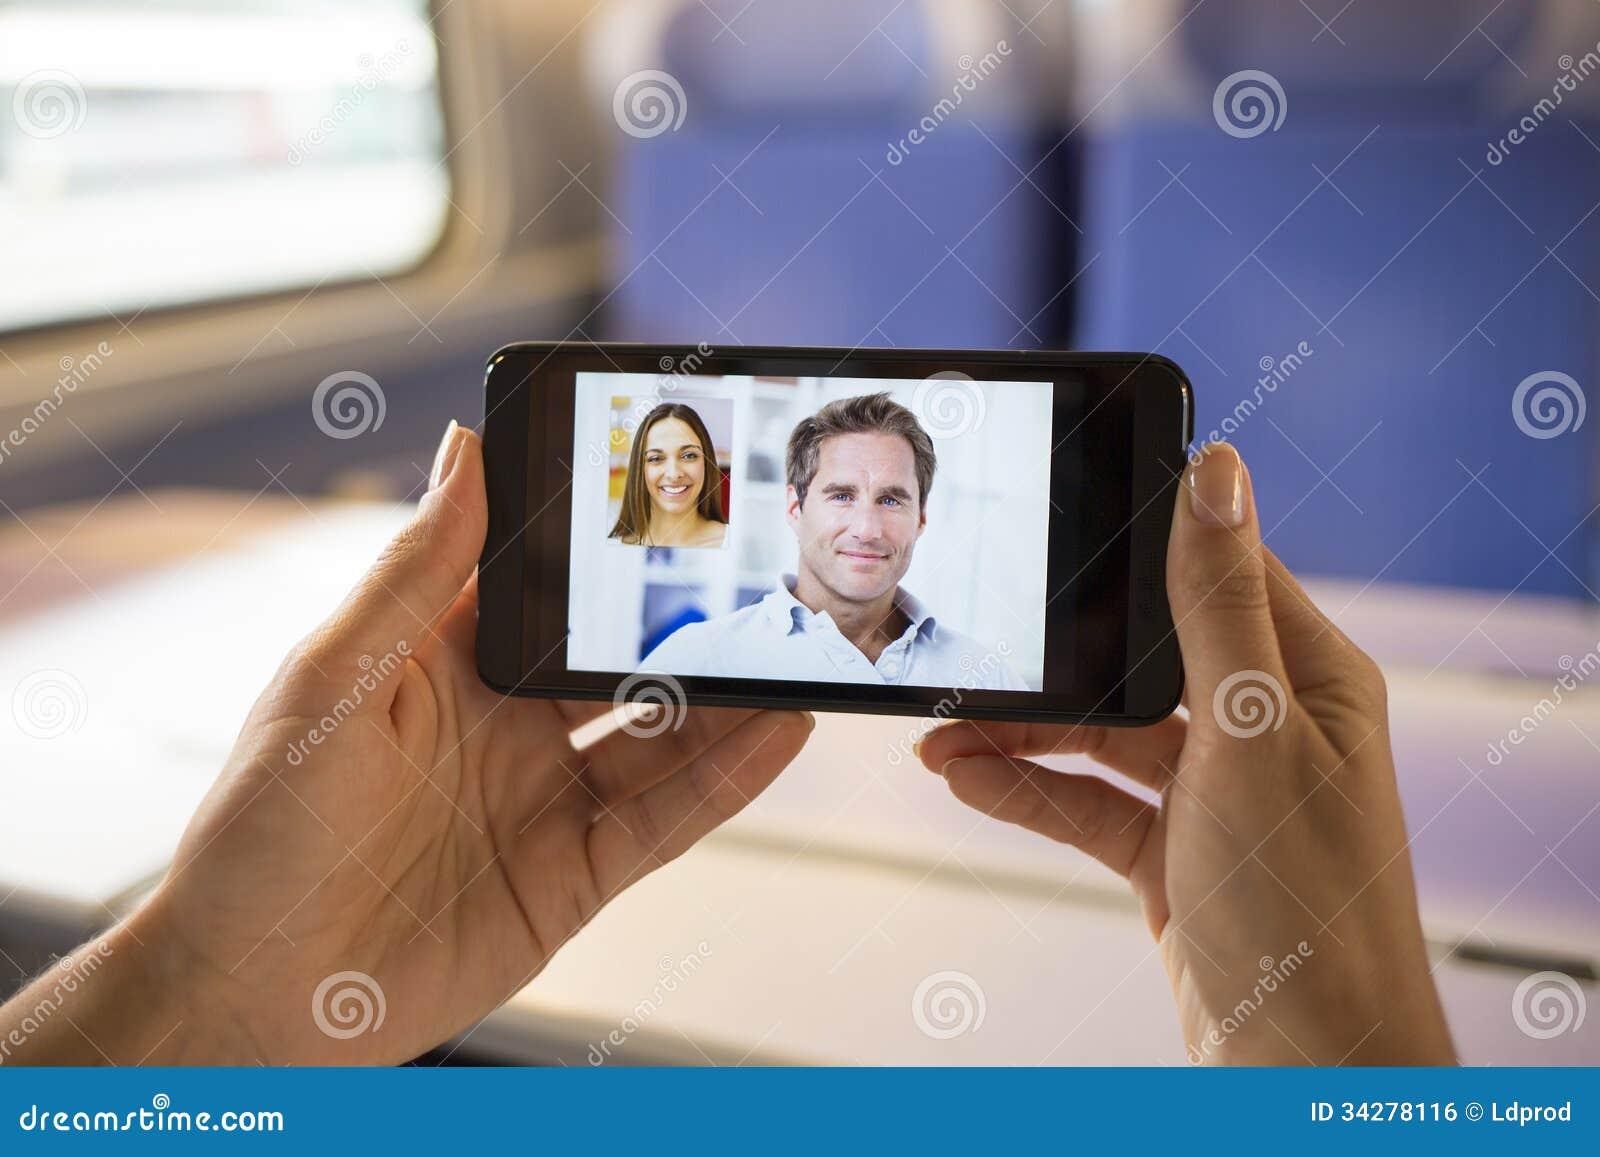 online mobile porn tube